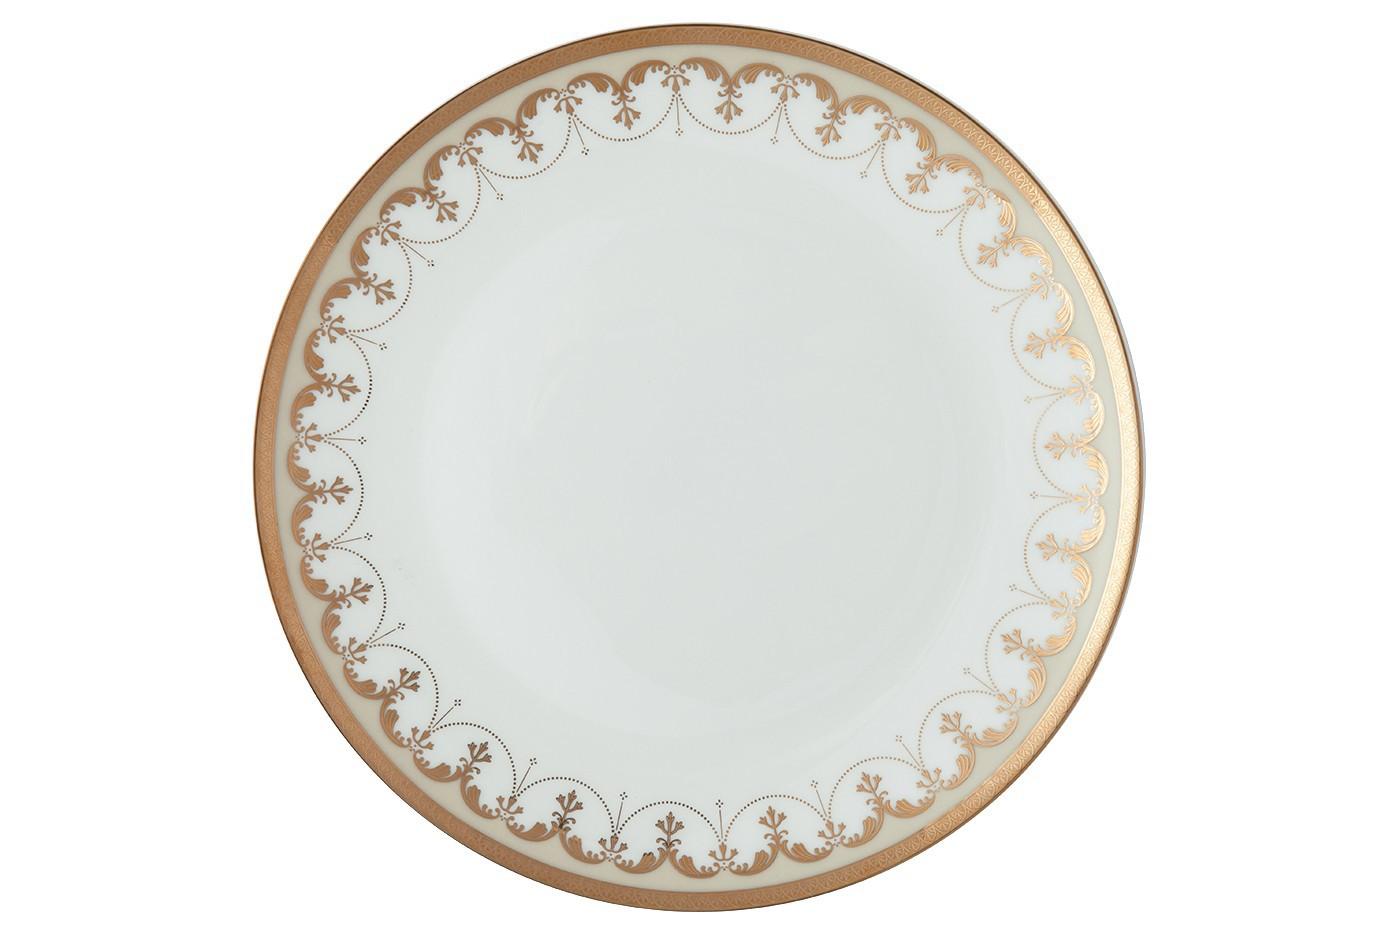 Набор из 6 тарелок Royal Aurel Империал (20см) арт.531Наборы тарелок<br>Набор из 6 тарелок Royal Aurel Империал (20см) арт.531<br>Производить посуду из фарфора начали в Китае на стыке 6-7 веков. Неустанно совершенствуя и селективно отбирая сырье для производства посуды из фарфора, мастерам удалось добиться выдающихся характеристик фарфора: белизны и тонкостенности. В XV веке появился особый интерес к китайской фарфоровой посуде, так как в это время Европе возникла мода на самобытные китайские вещи. Роскошный китайский фарфор являлся изыском и был в новинку, поэтому он выступал в качестве подарка королям, а также знатным людям. Такой дорогой подарок был очень престижен и по праву являлся элитной посудой. Как известно из многочисленных исторических документов, в Европе китайские изделия из фарфора ценились практически как золото. <br>Проверка изделий из костяного фарфора на подлинность <br>По сравнению с производством других видов фарфора процесс производства изделий из настоящего костяного фарфора сложен и весьма длителен. Посуда из изящного фарфора - это элитная посуда, которая всегда ассоциируется с богатством, величием и благородством. Несмотря на небольшую толщину, фарфоровая посуда - это очень прочное изделие. Для демонстрации плотности и прочности фарфора можно легко коснуться предметов посуды из фарфора деревянной палочкой, и тогда мы услушим характерный металлический звон. В составе фарфоровой посуды присутствует костяная зола, благодаря чему она может быть намного тоньше (не более 2,5 мм) и легче твердого или мягкого фарфора. Безупречная белизна - ключевой признак отличия такого фарфора от других. Цвет обычного фарфора сероватый или ближе к голубоватому, а костяной фарфор будет всегда будет молочно-белого цвета. Характерная и немаловажная деталь - это невесомая прозрачность изделий из фарфора такая, что сквозь него проходит свет.<br>